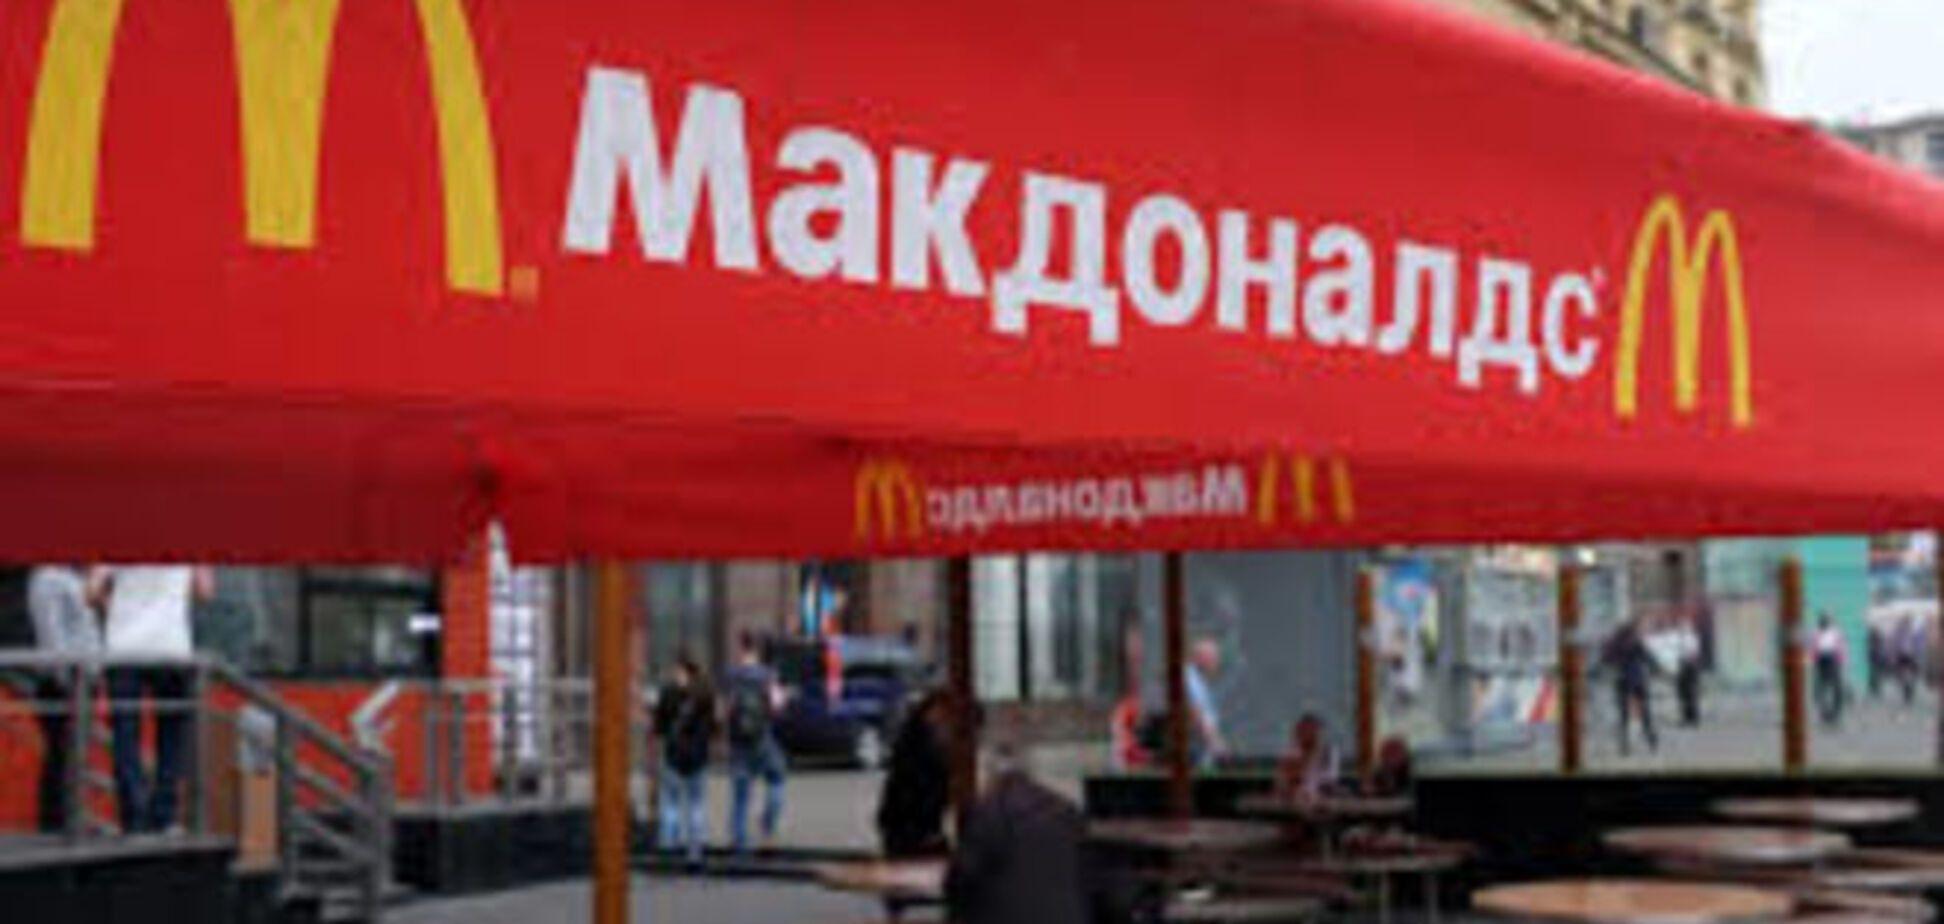 Наїлися: у Росії на 'Макдоналдс' подали в суд на 5 мільйонів